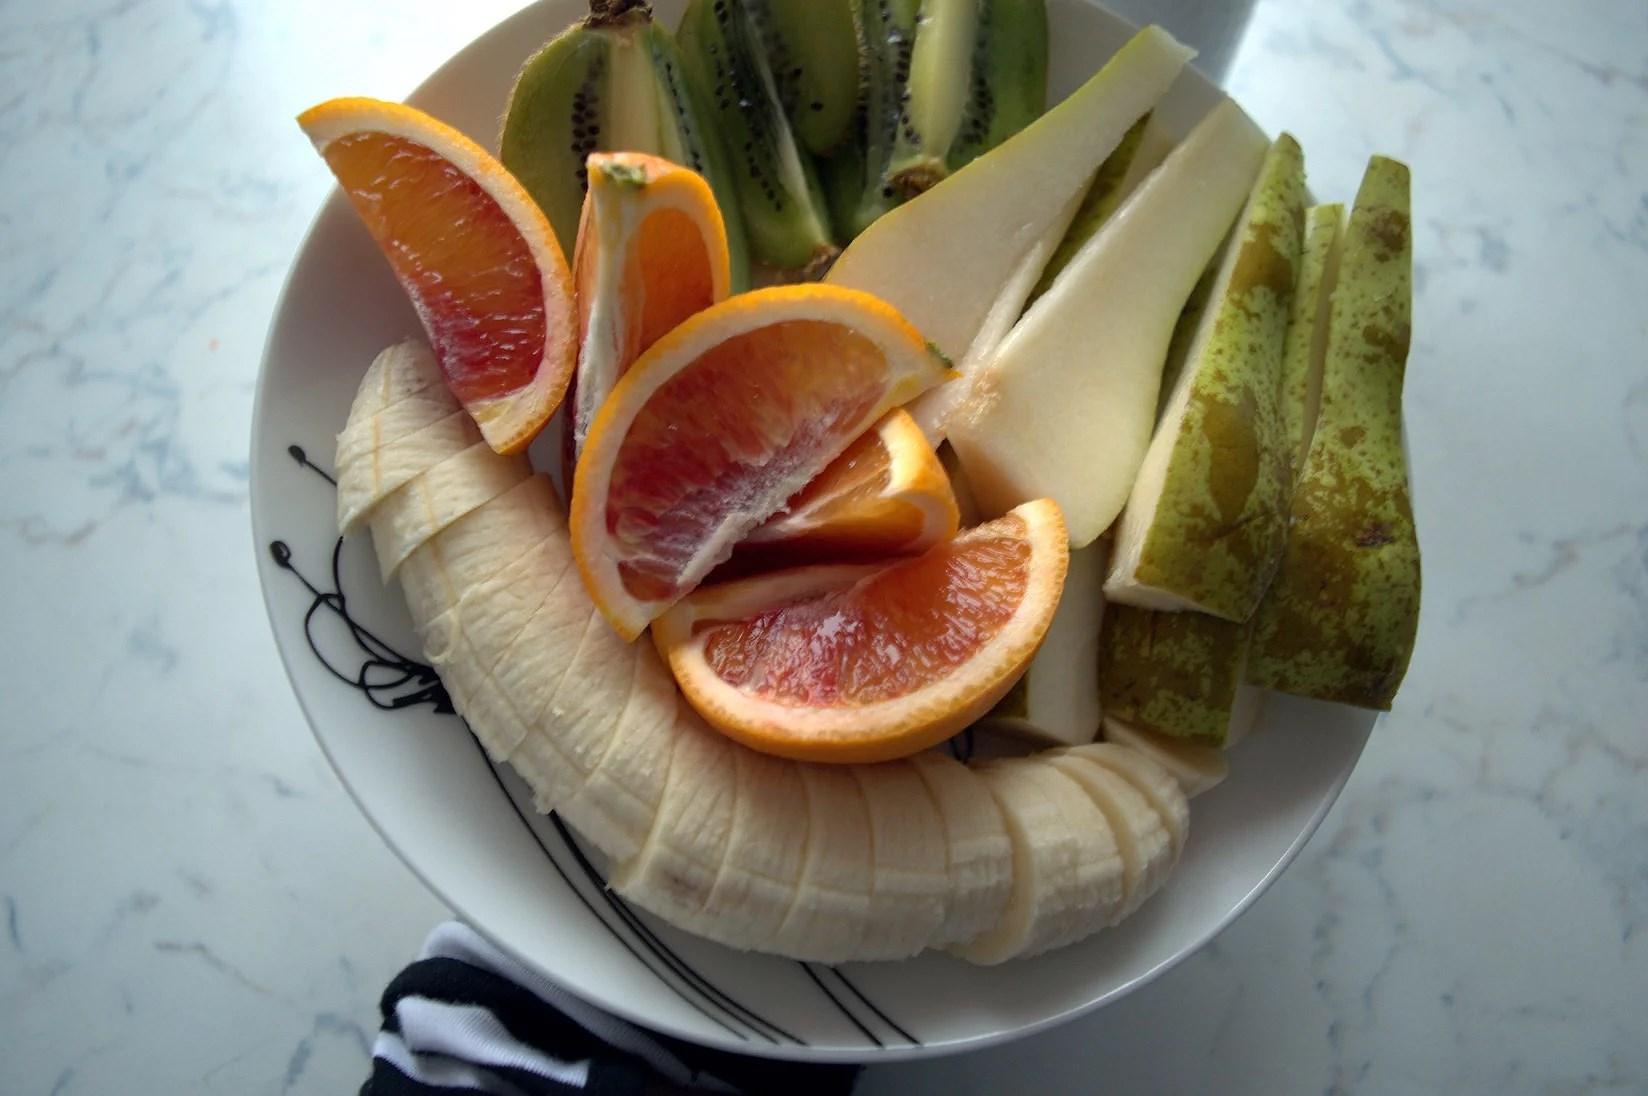 Fruity sunday